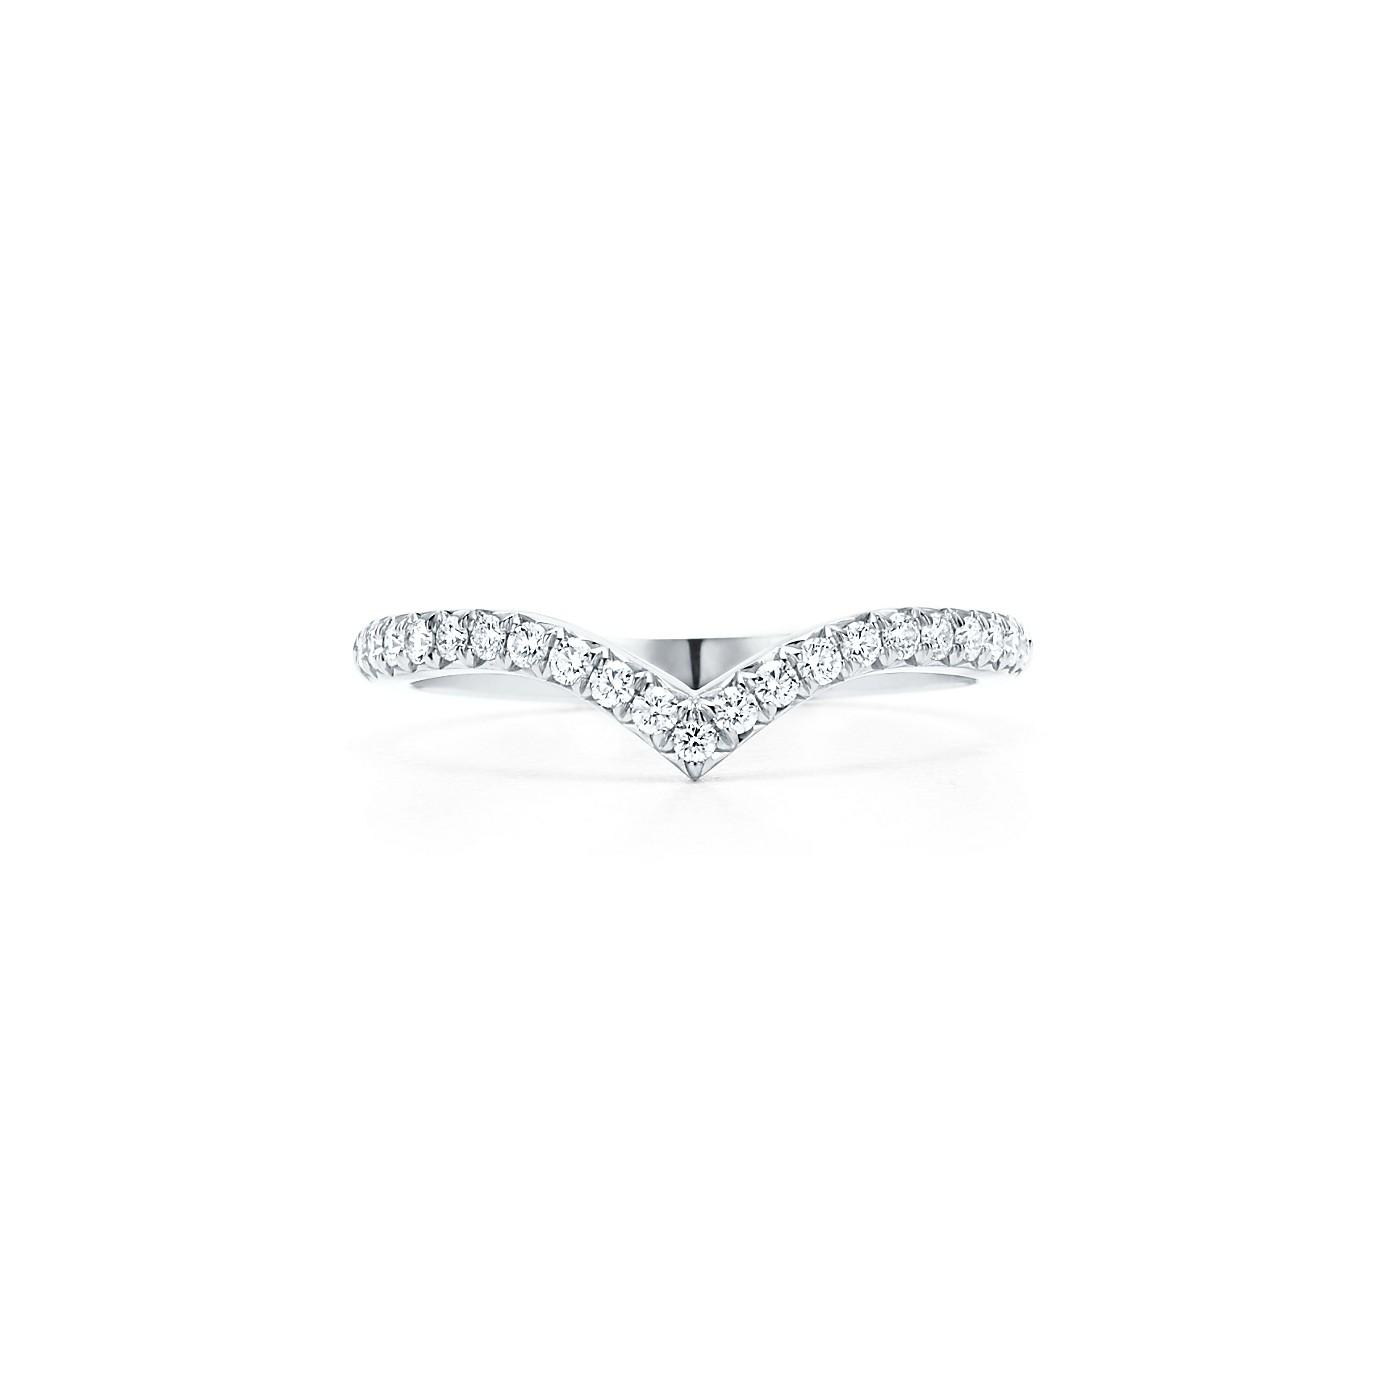 ティファニー ソレスト V リング ダイヤモンド(1)―Tiffany & Co.(ティファニー)